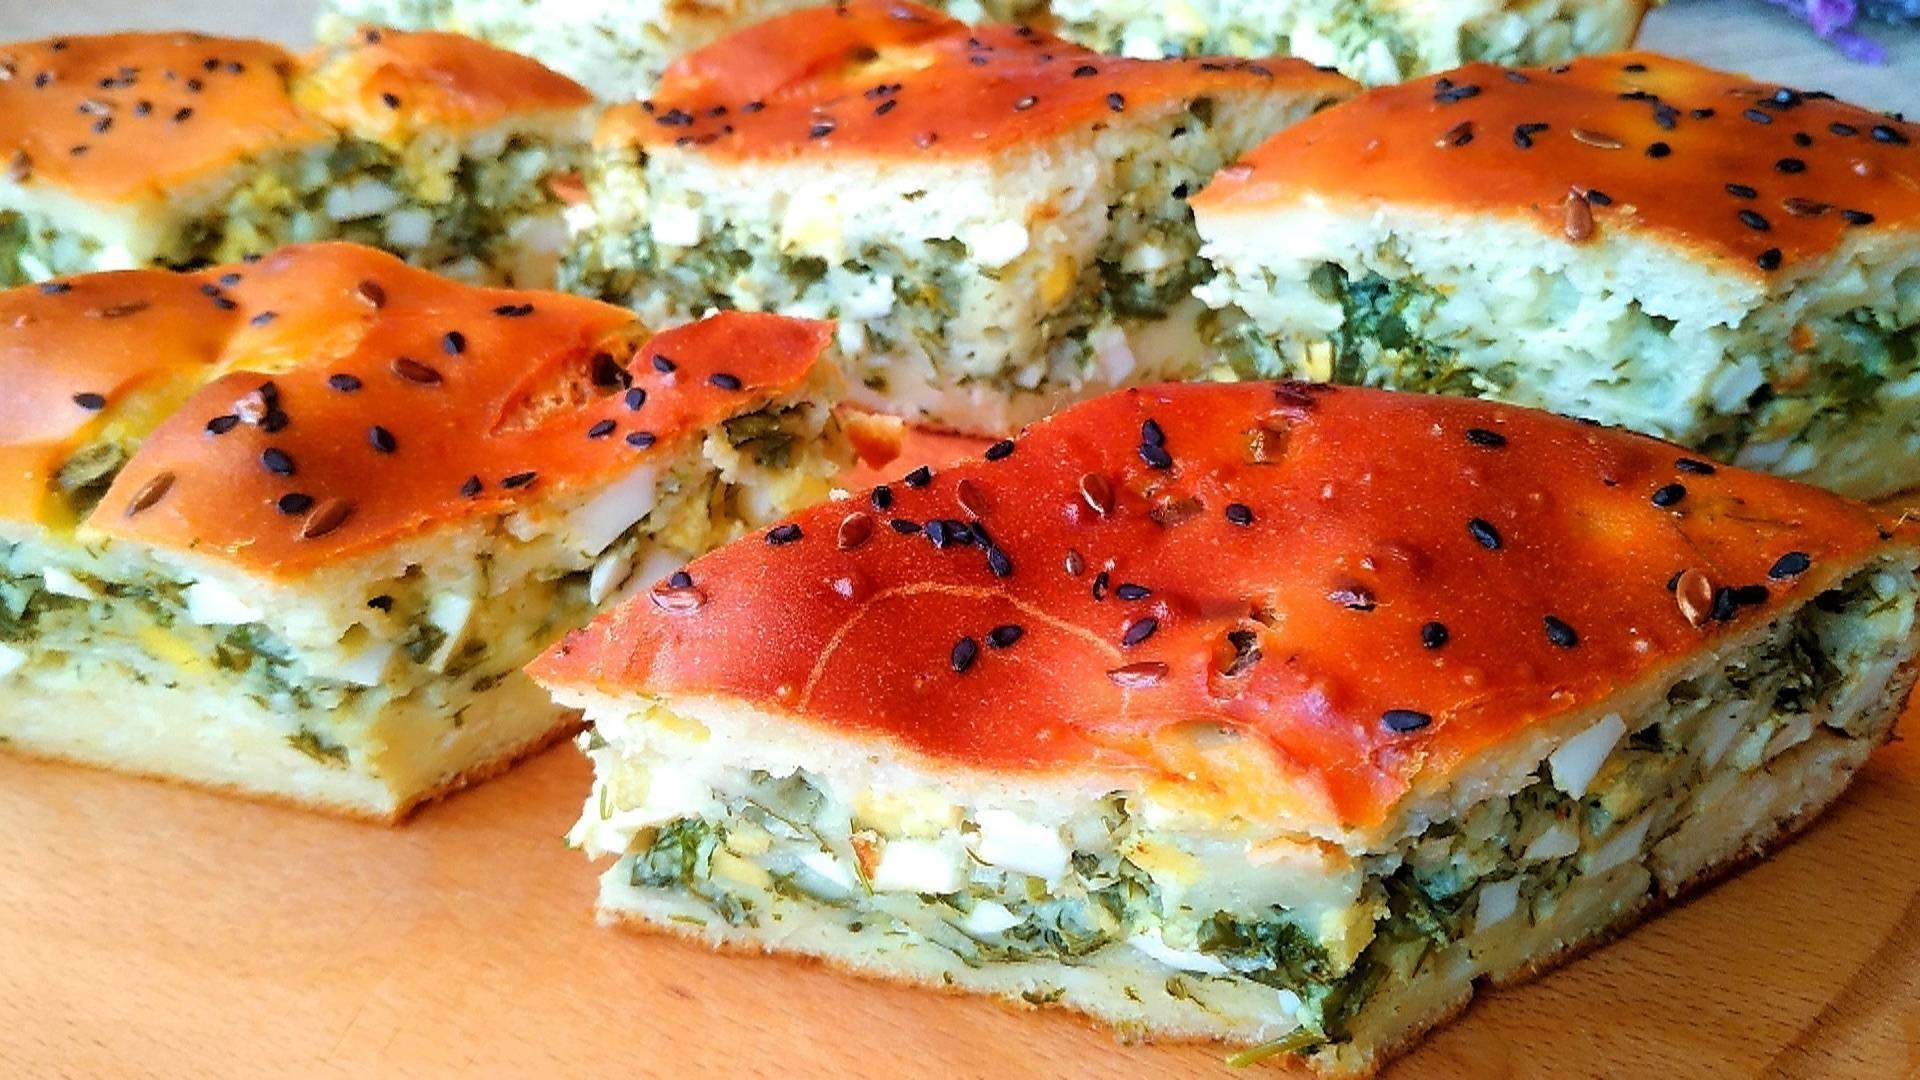 Пирог с рыбой и рисом - вкусные рецепты удачного теста и аппетитной начинки